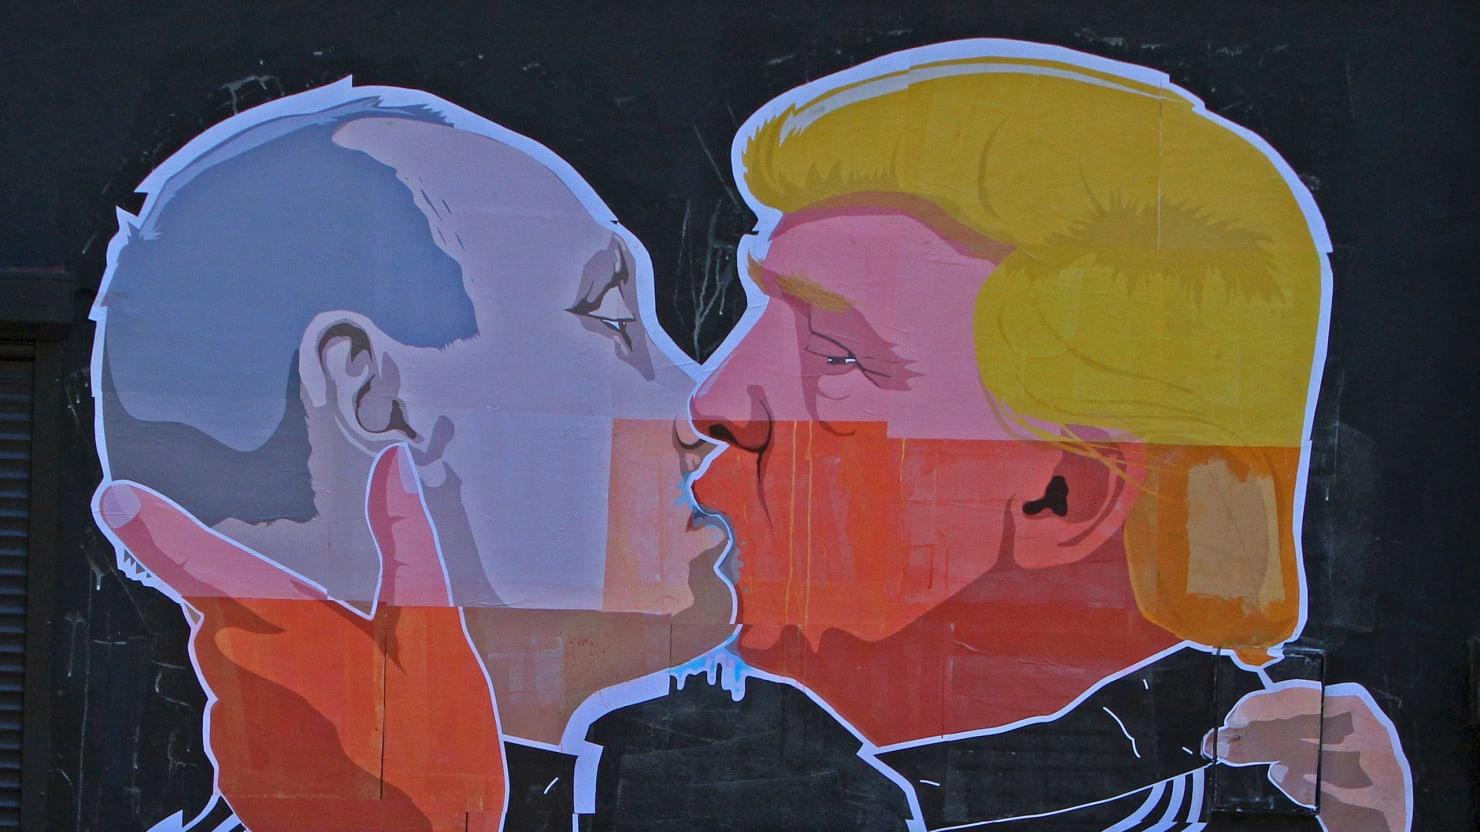 Donald Trump S Unrequited Love For Vladimir Putin